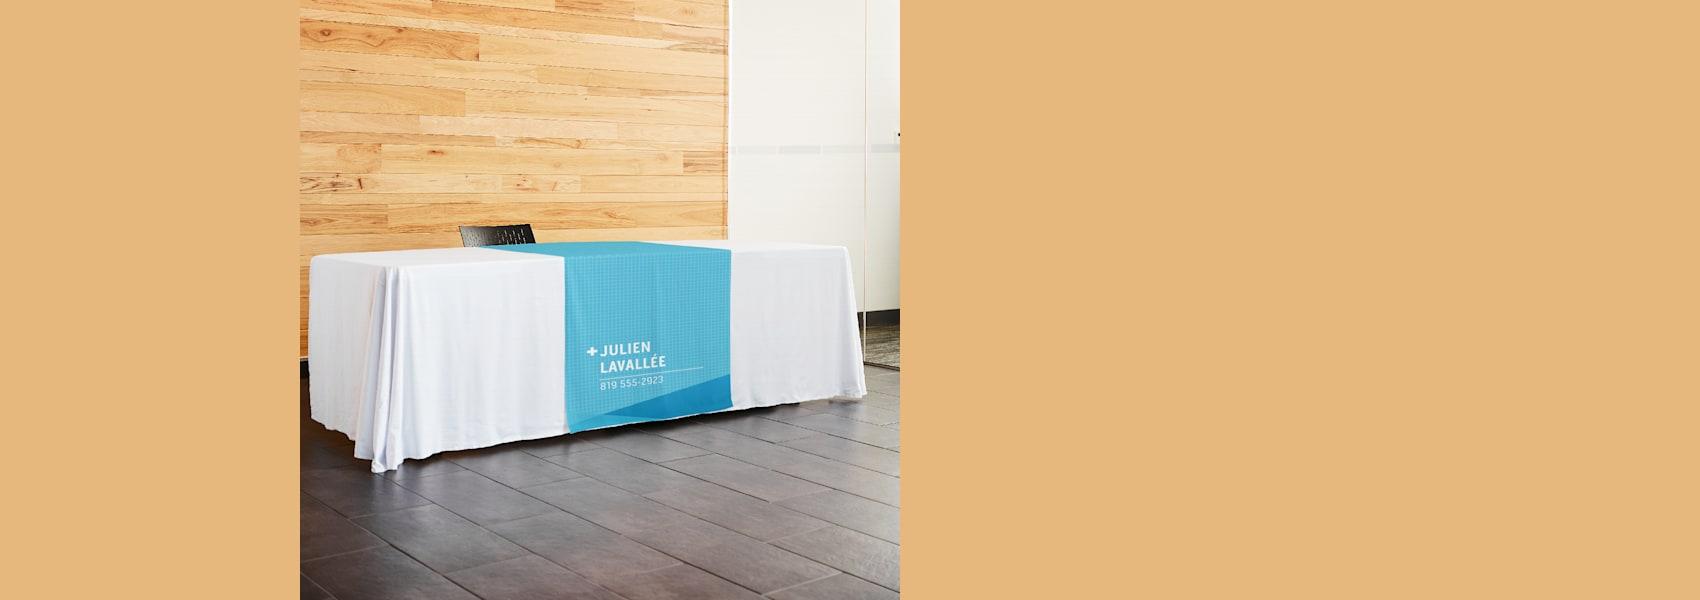 chemins de table pour les salons professionnels